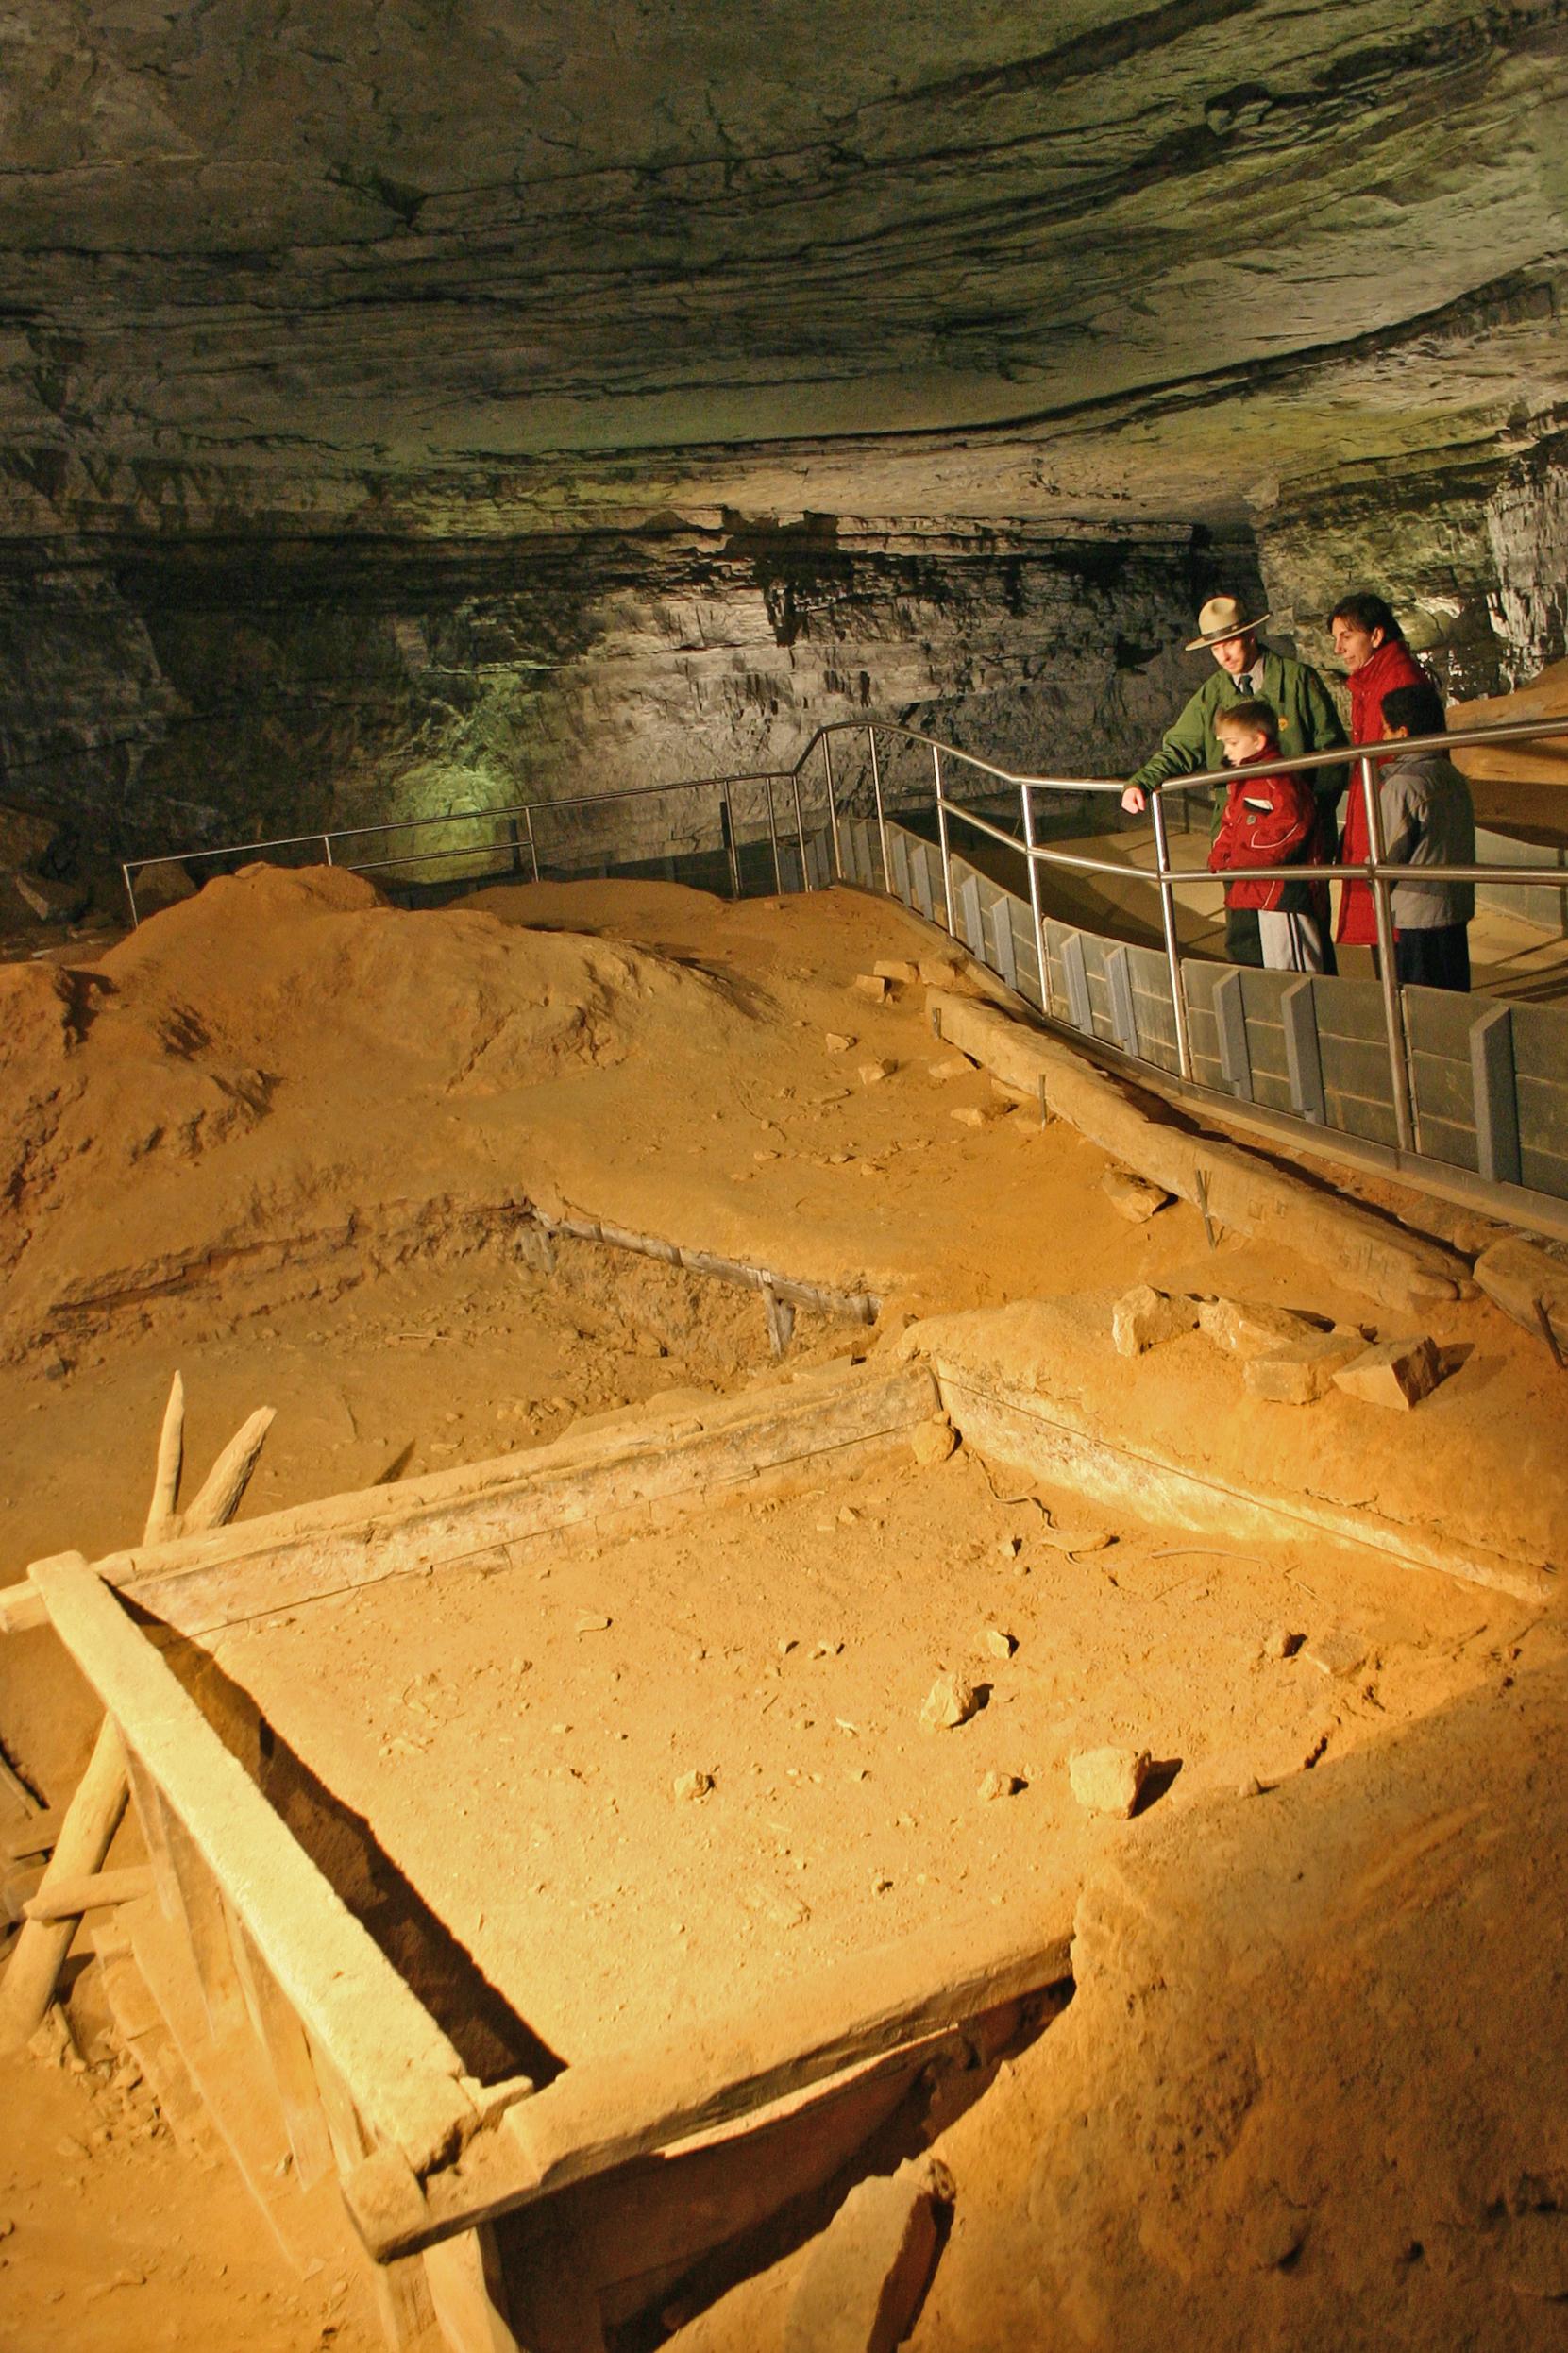 Old Saltpeter Mine